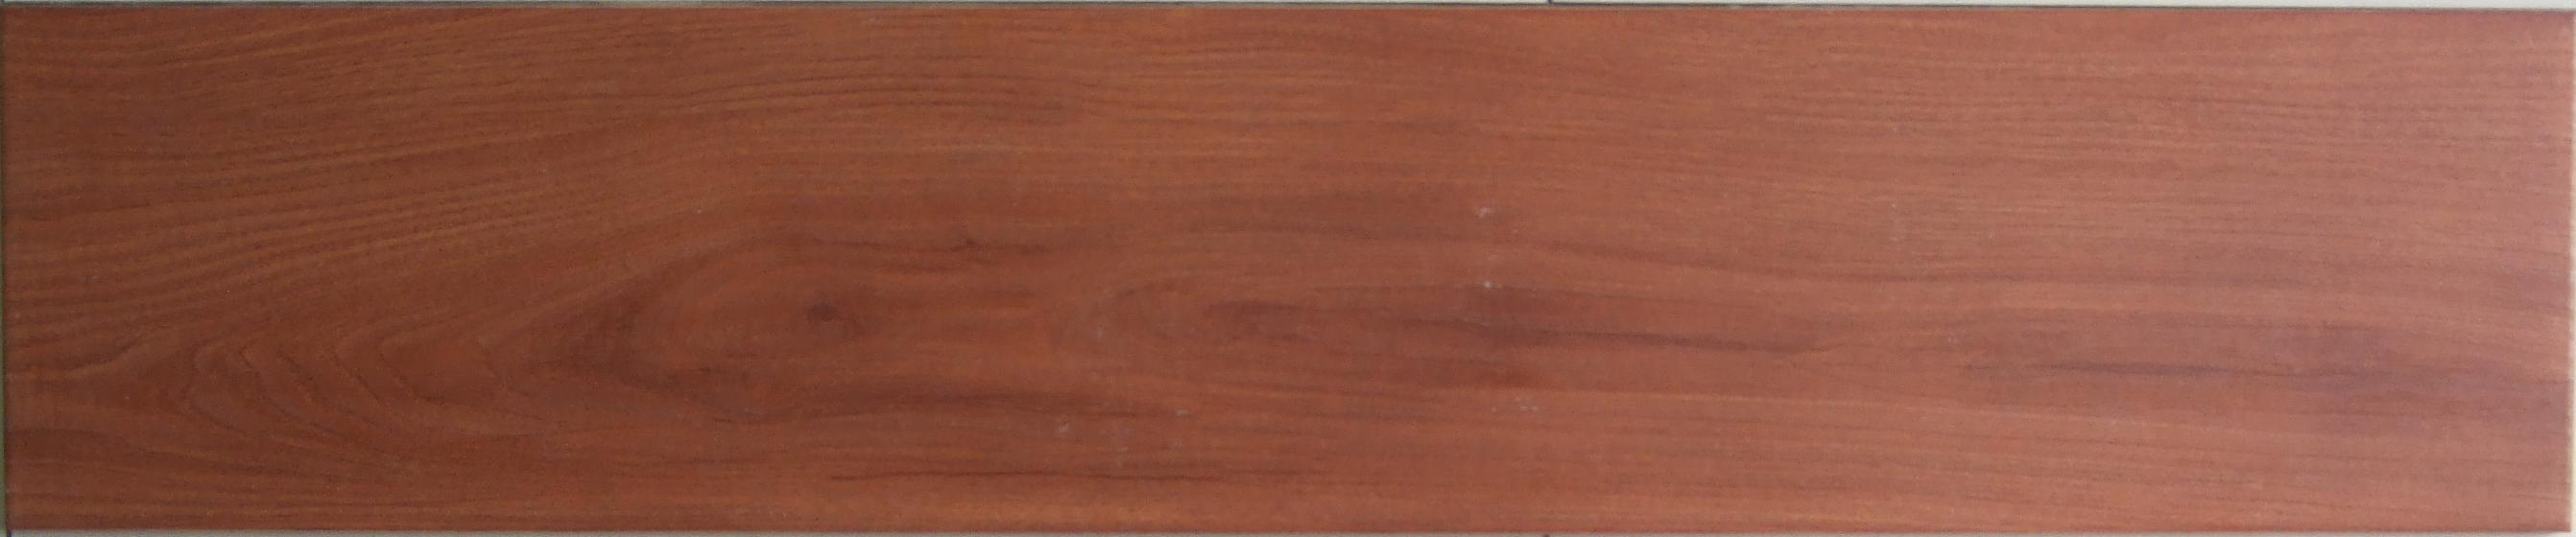 กระเบื้องลายไม้ 20x100 cm รุ่น VHH-08002